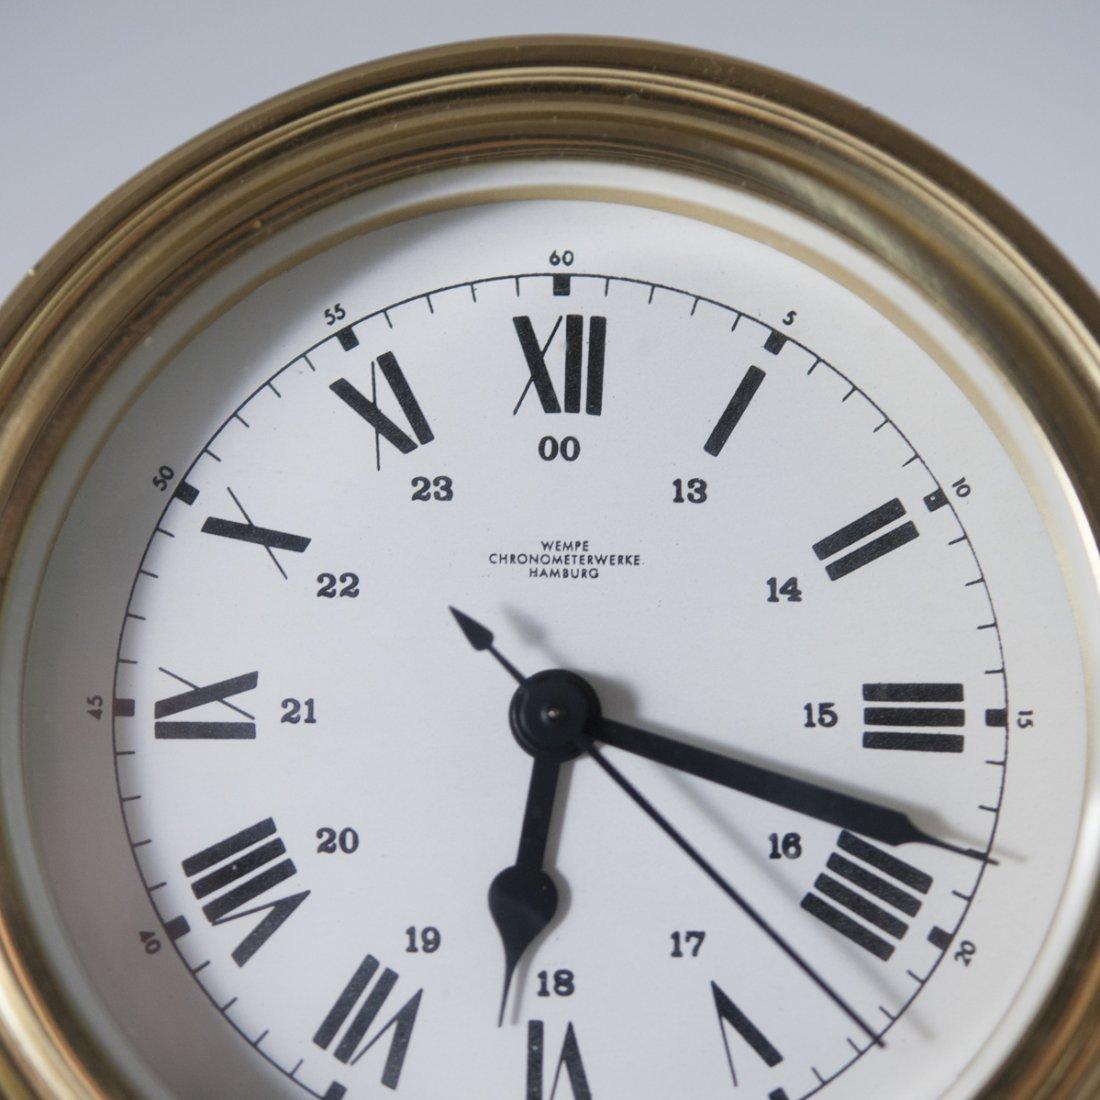 Wempe Chronometerwerke - 2